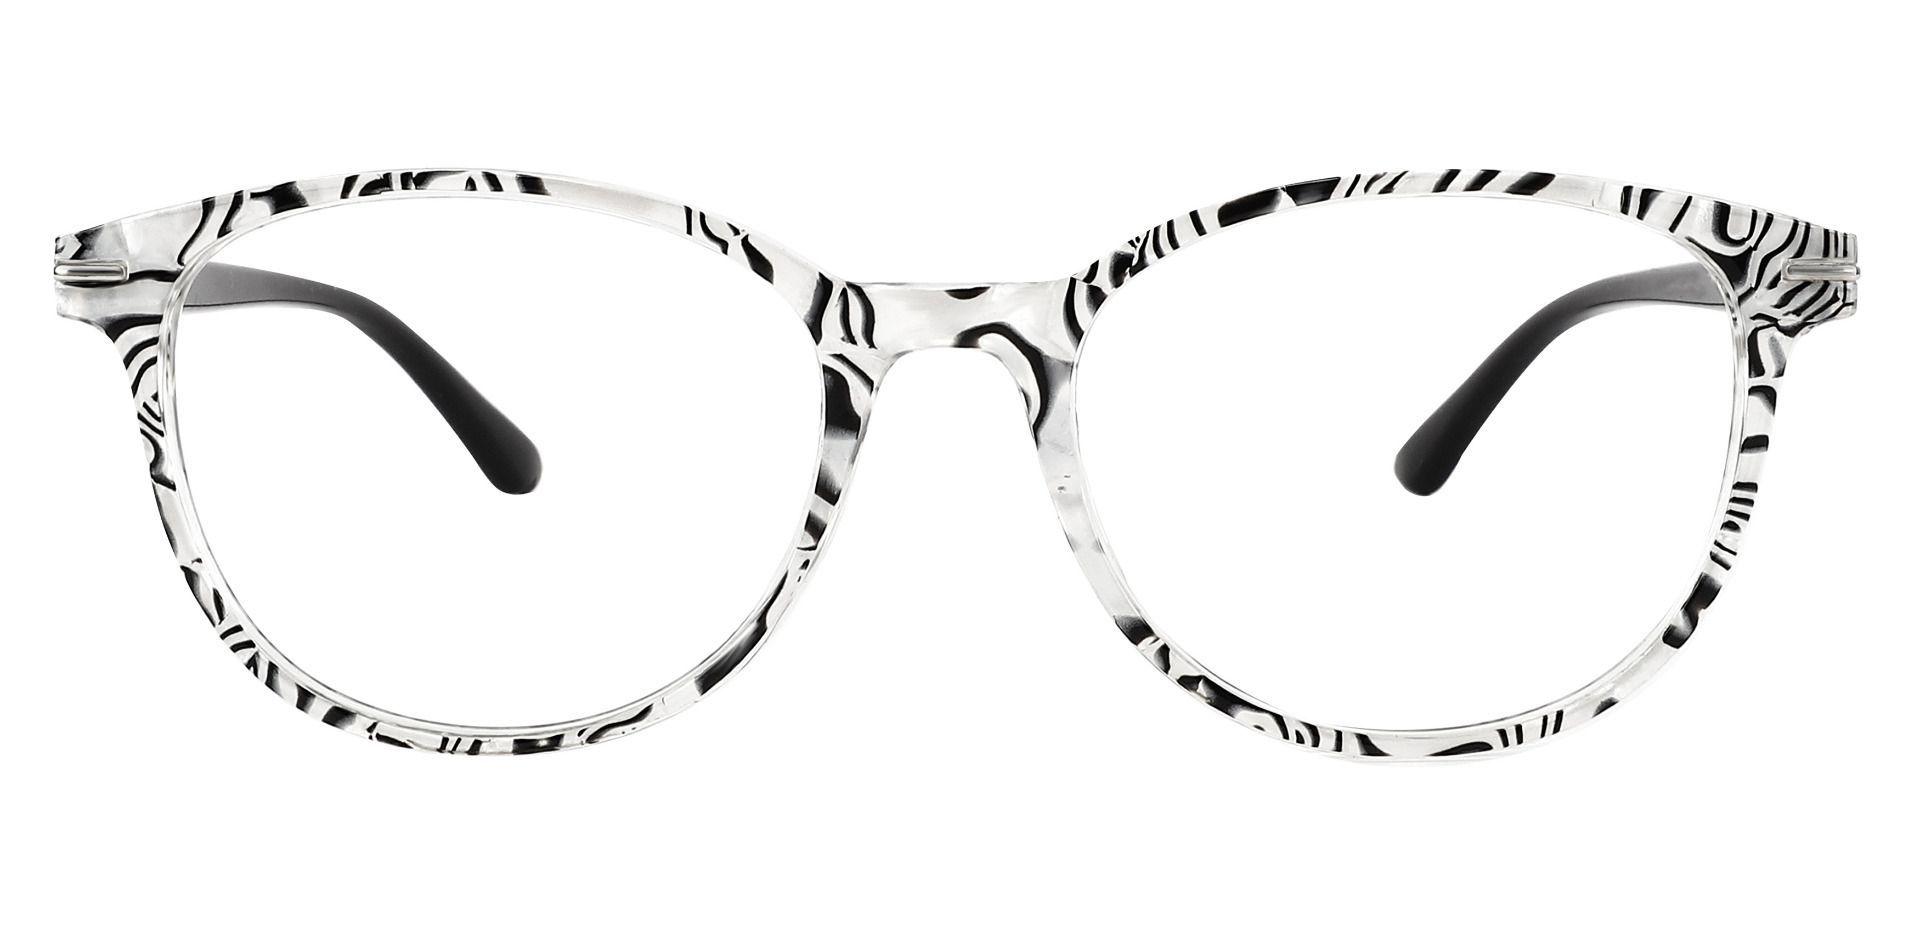 Benton Oval Non-Rx Glasses - Two